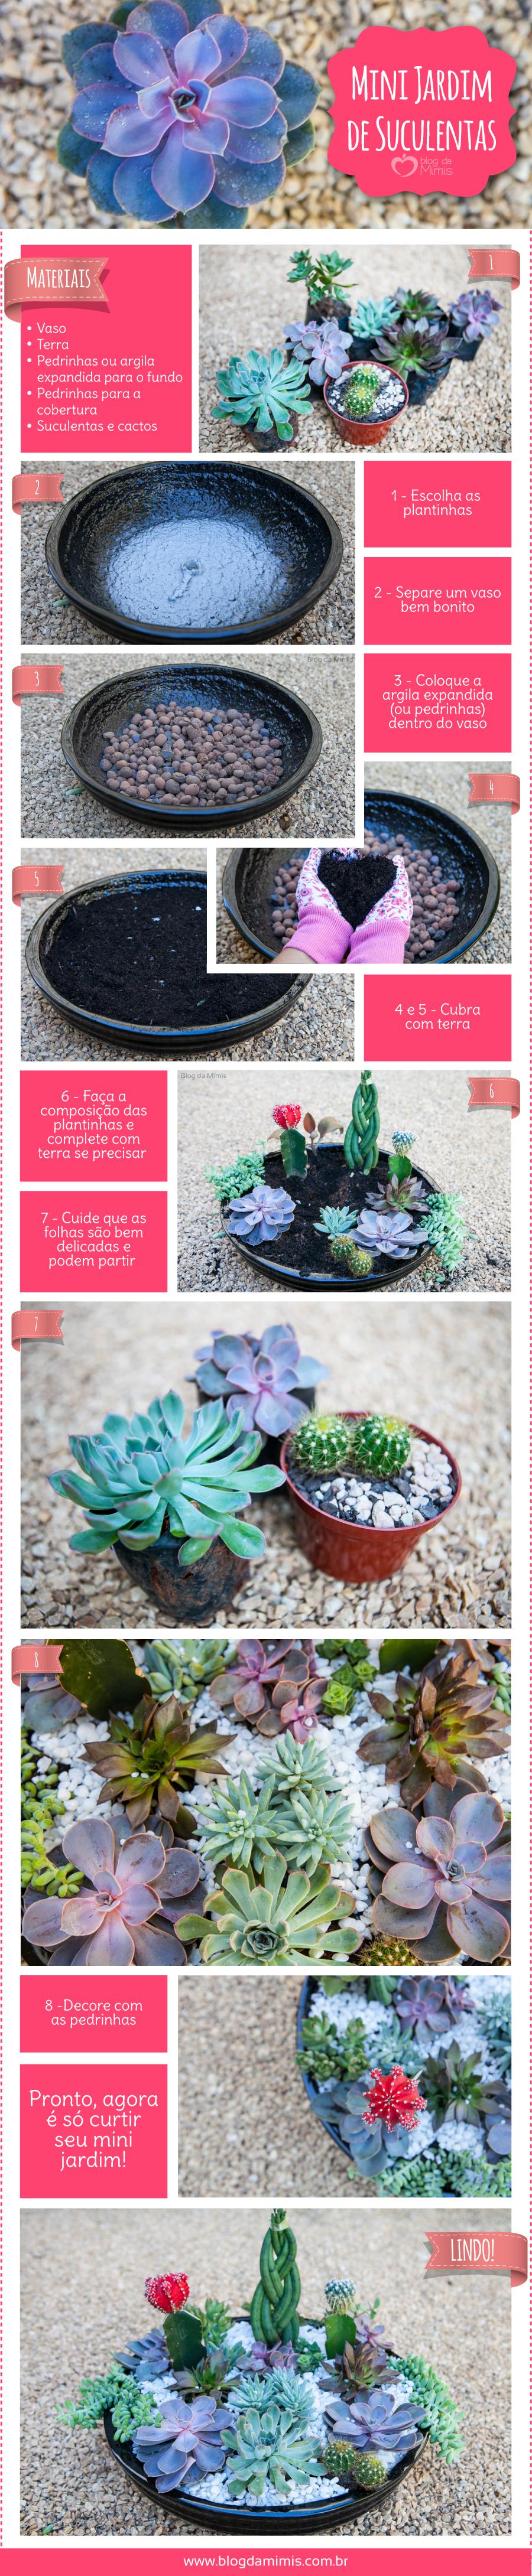 mini jardim suculentas:Mini-Jardim-de-Suculentas-blog-da-mimis-michelle-franzoni-post